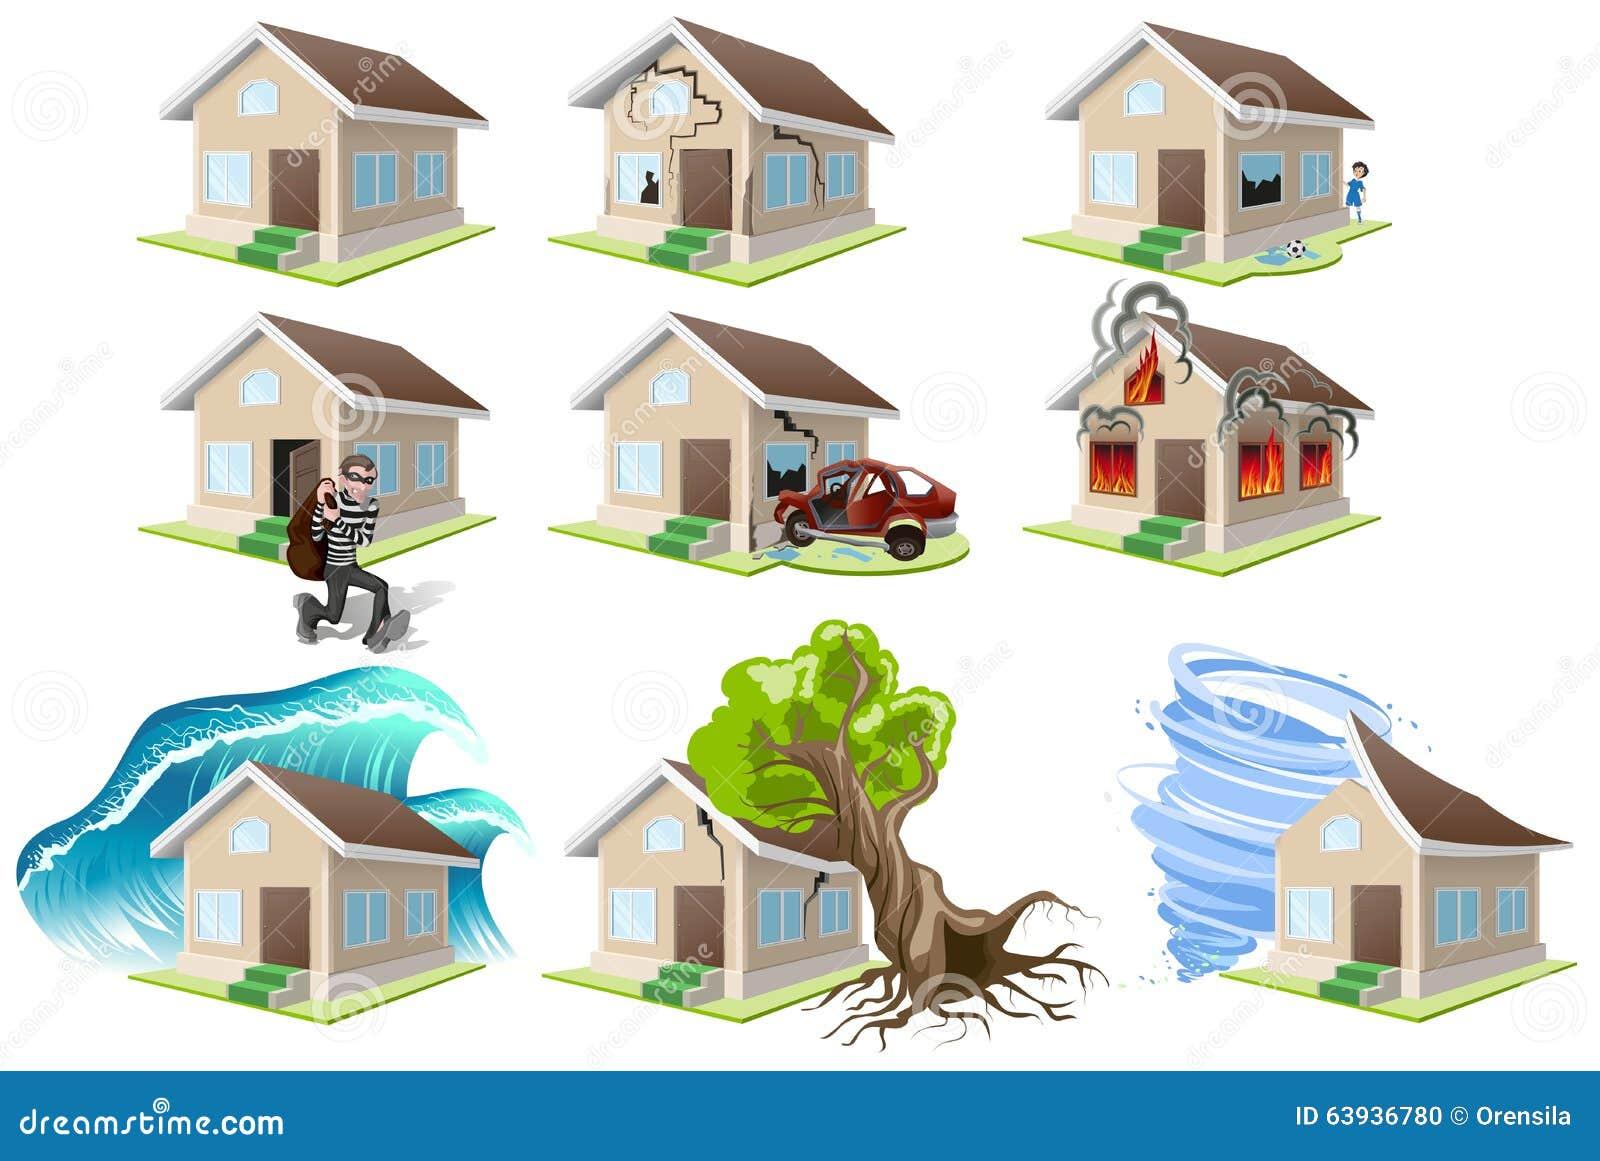 Malheur photos stock inscription gratuite for Assurance de maison